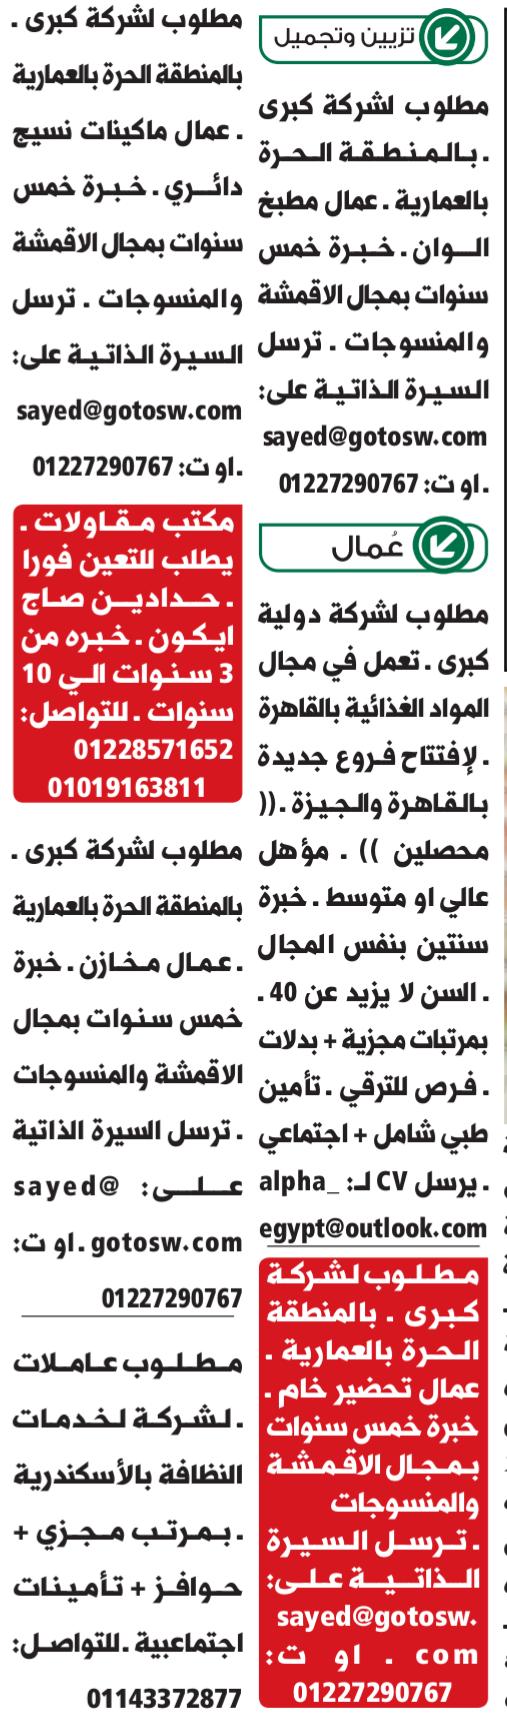 وظائف الوسيط اليوم 27/4/2020 نسخة الاسكندرية 11